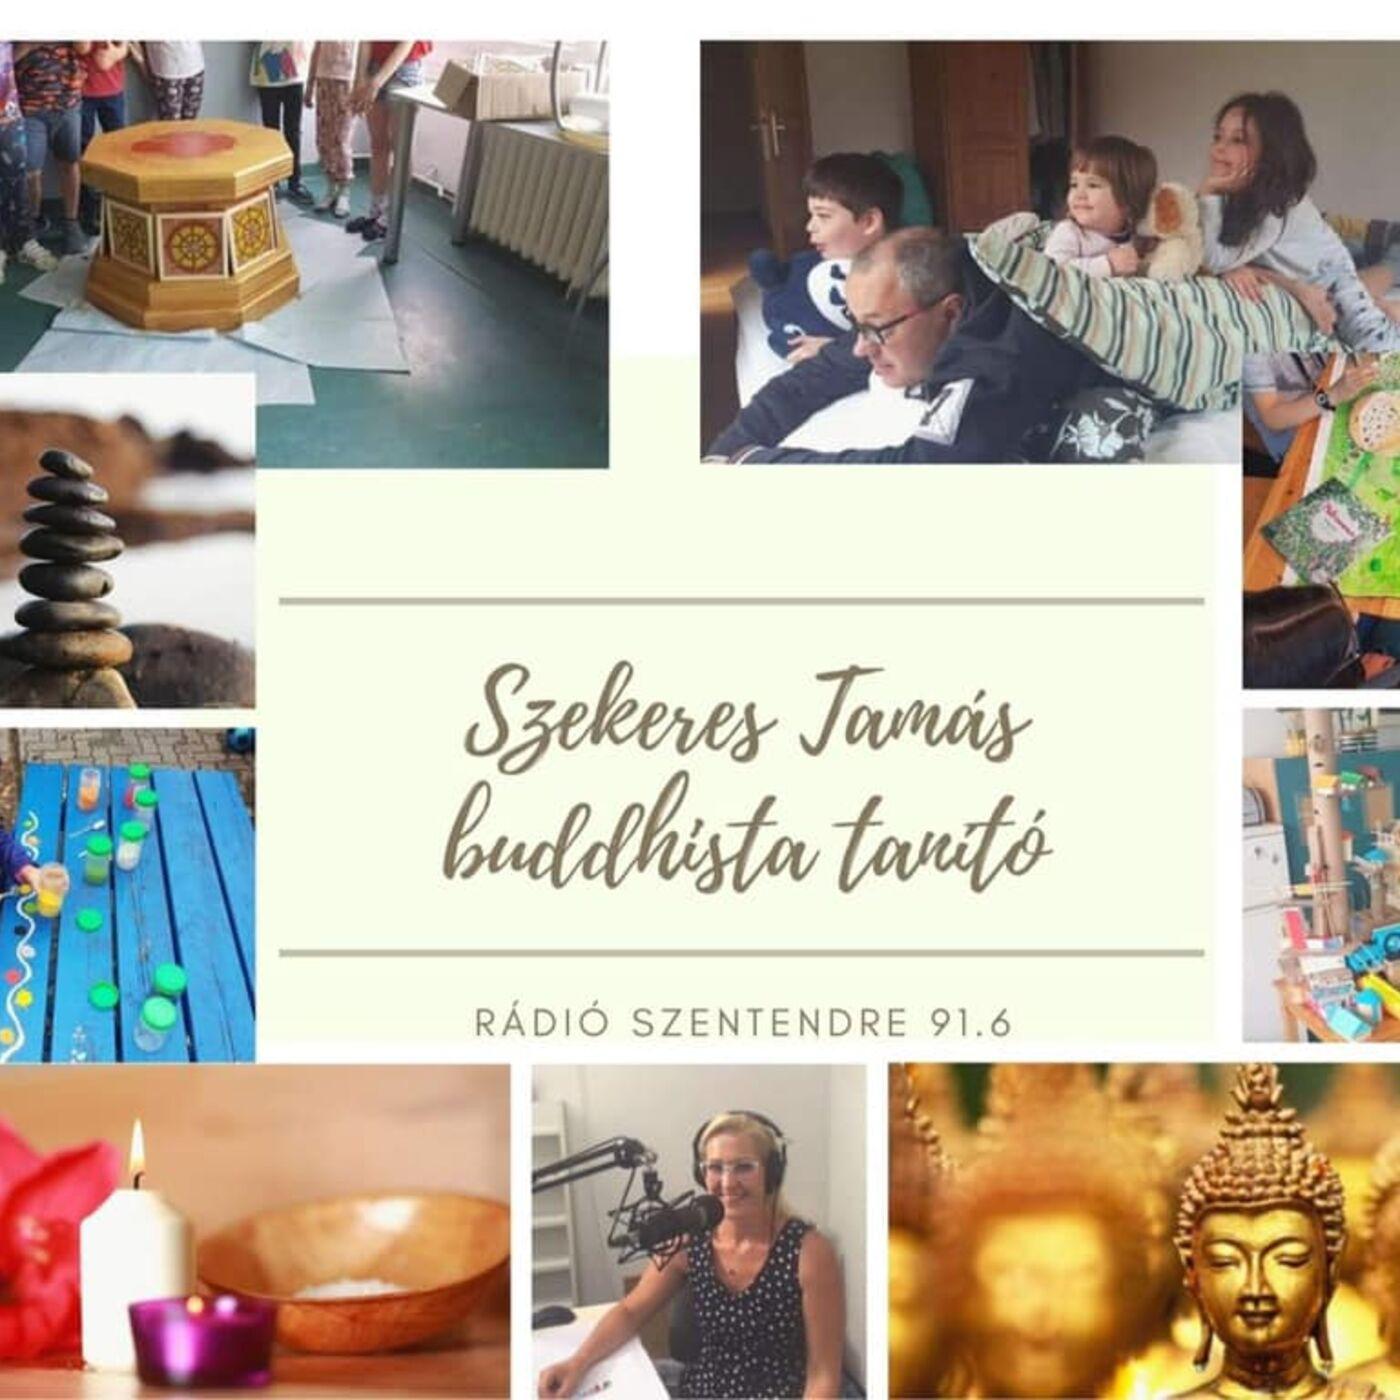 Szekeres Tamás buddhista tanító